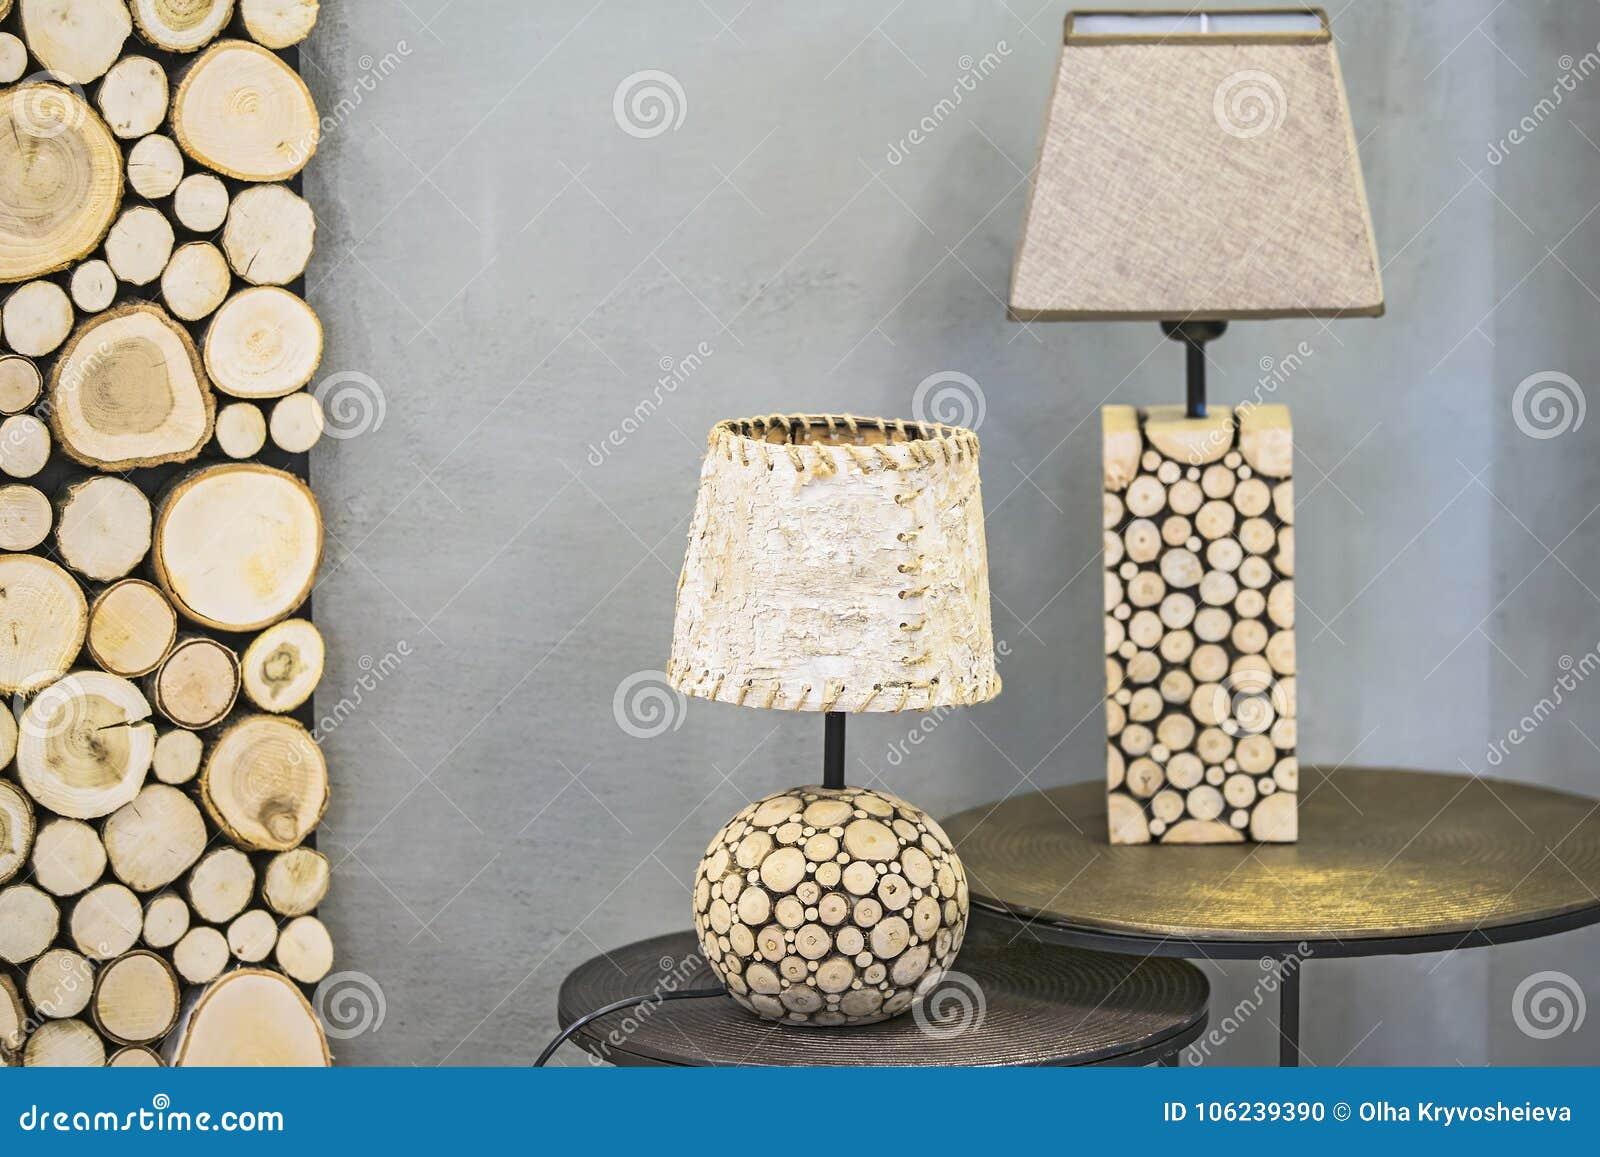 Lampe de table en bois, une lampe faite en sapin en bois et écorce de bouleau Lampe en bois originale moderne